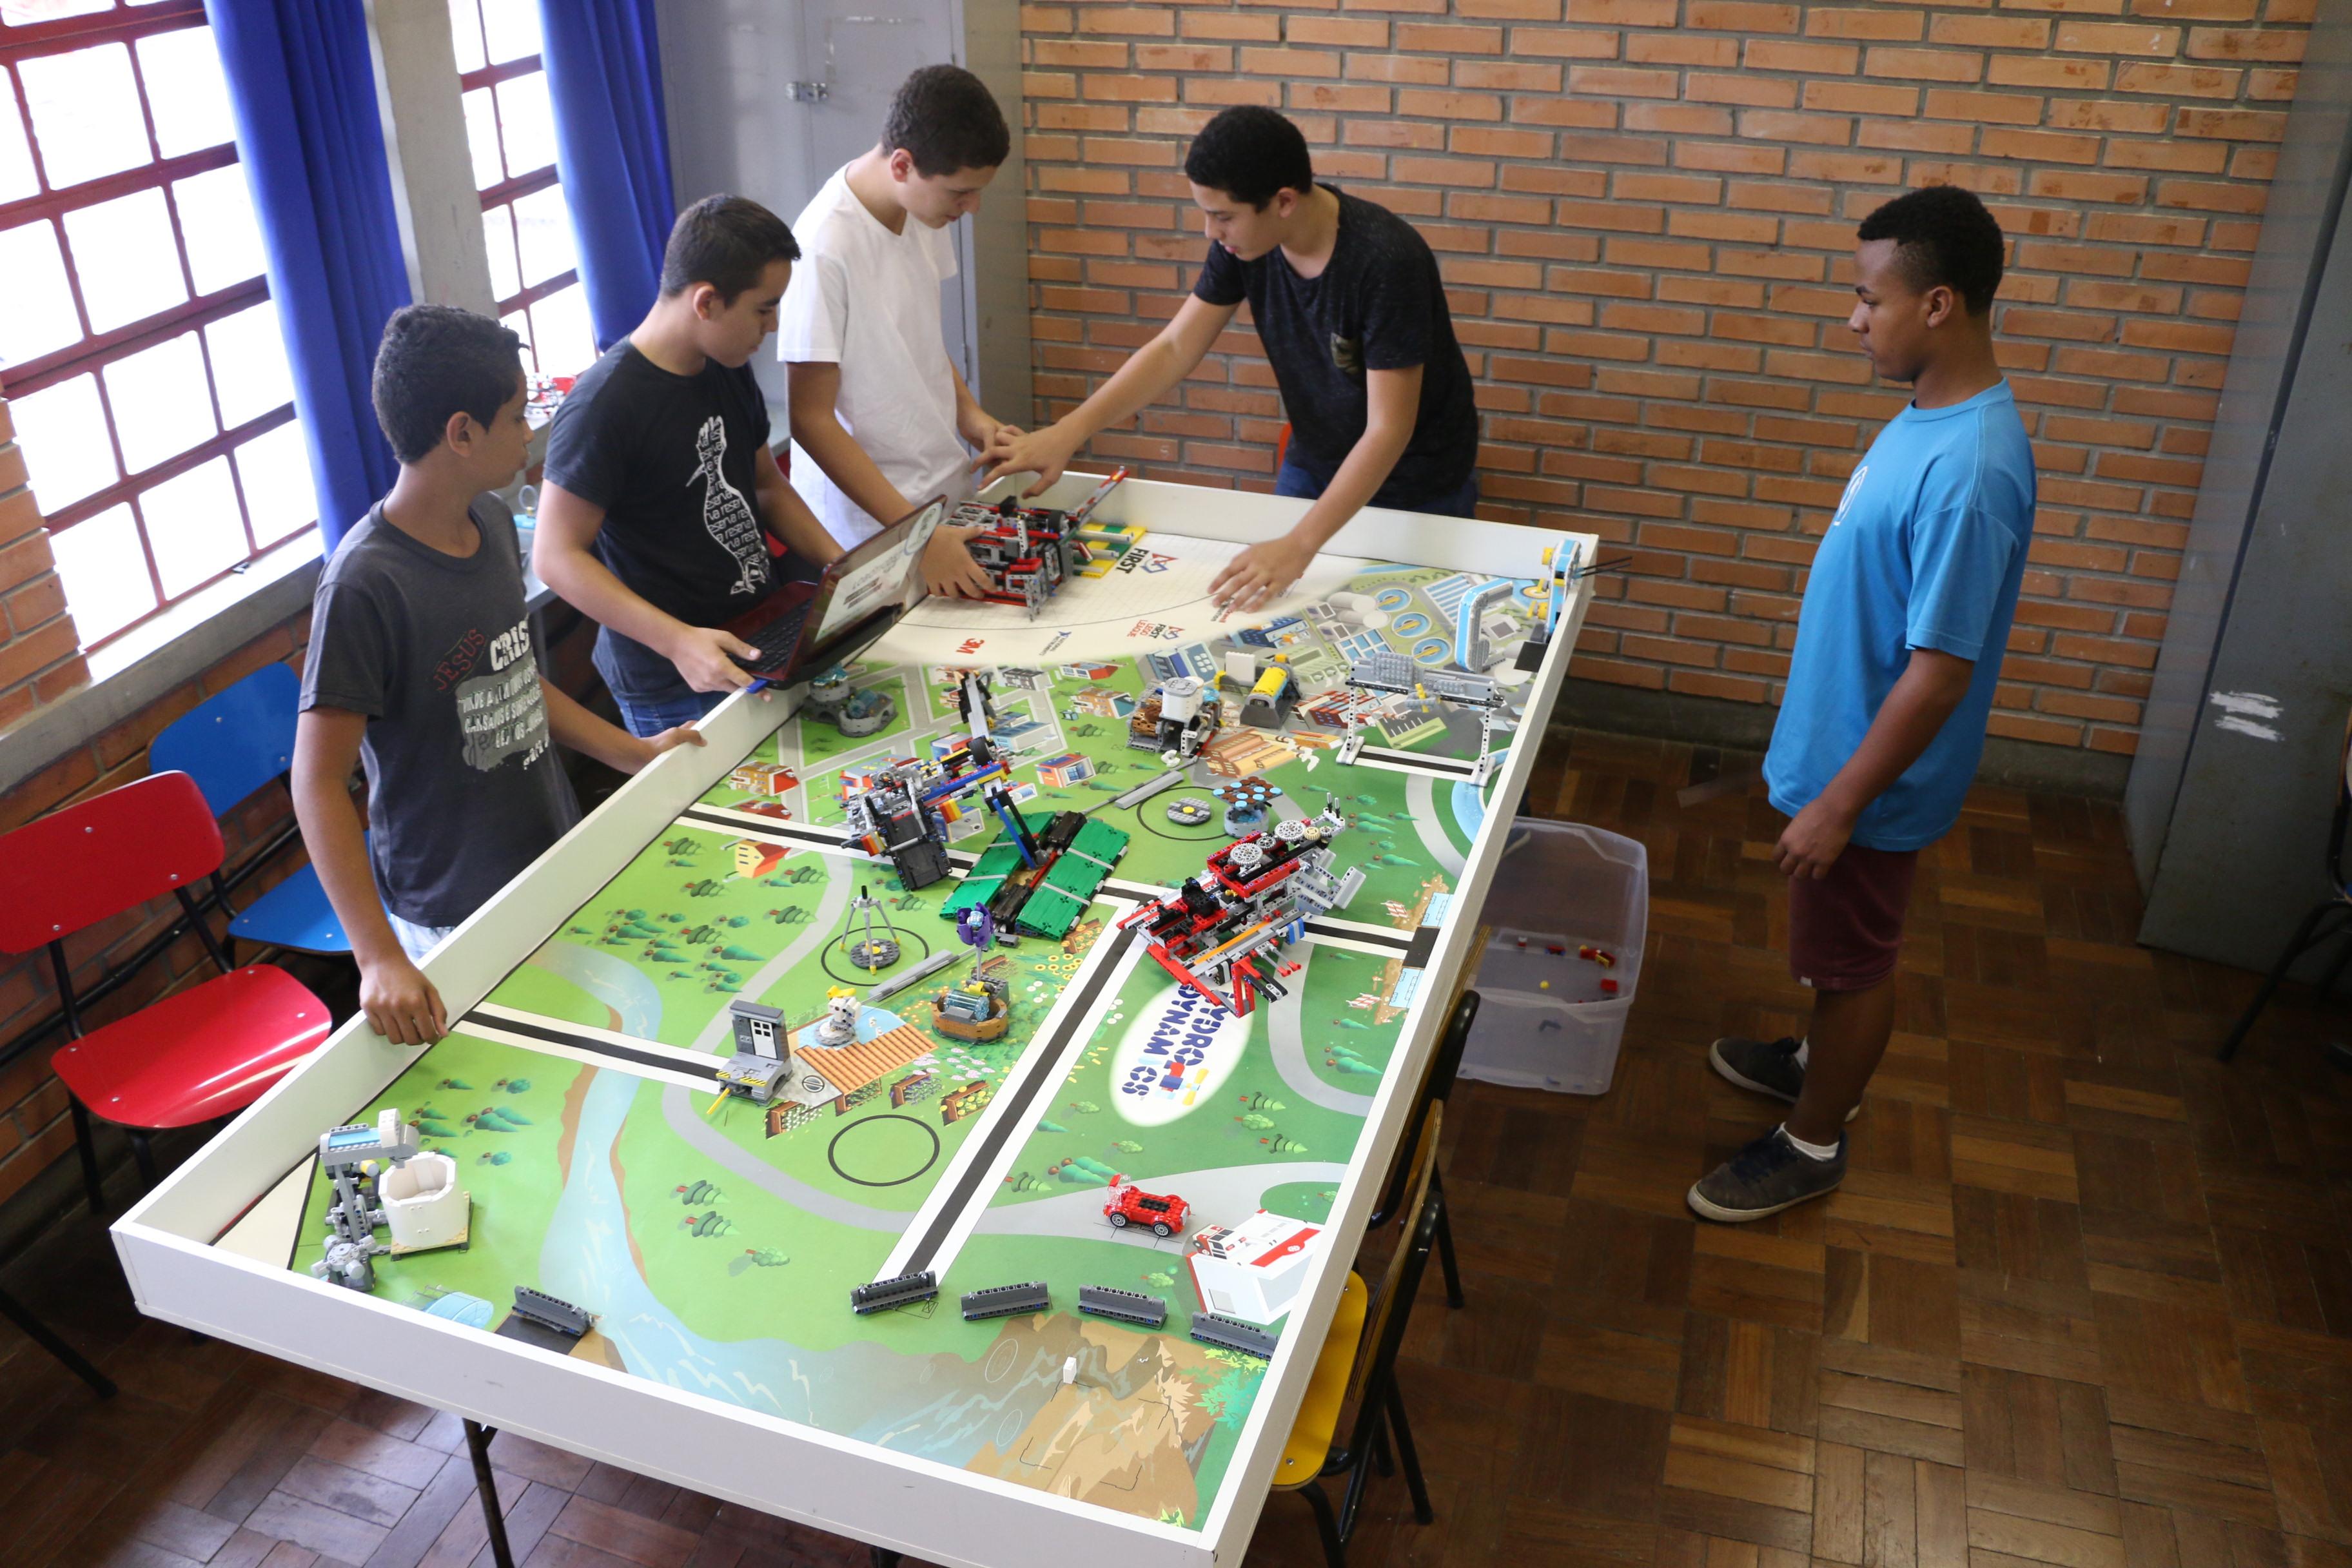 Certamen de robótica en Curitiba buscaba soluciones para la escasez de agua